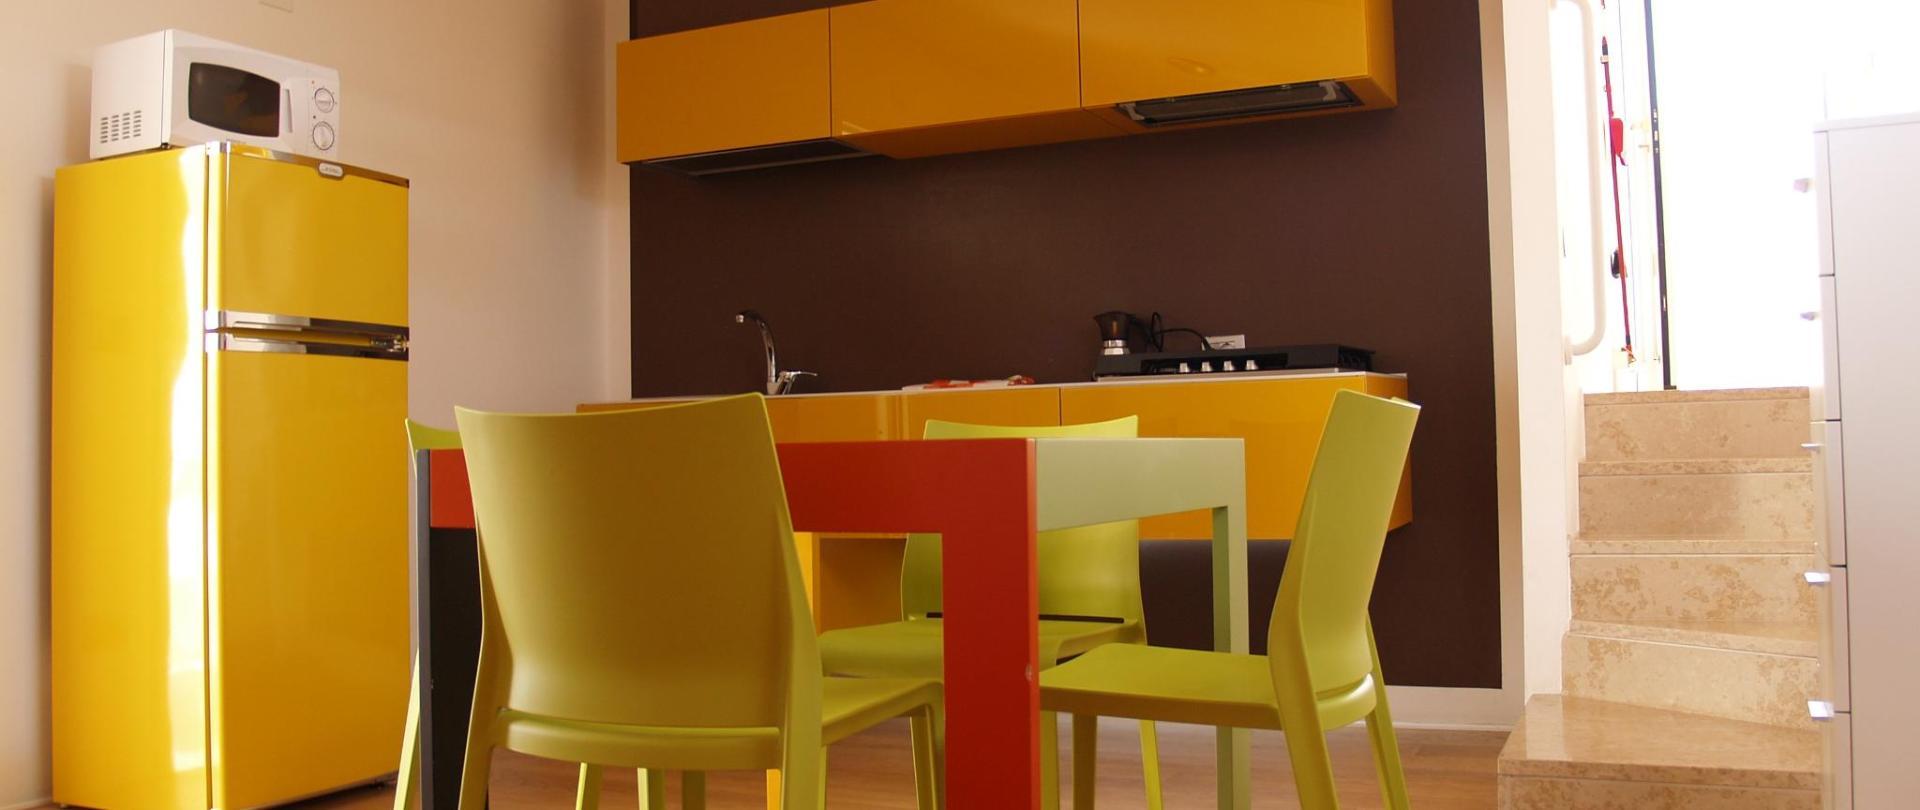 Cucina di un appartamento della Residenza Zaccolo a Lignano